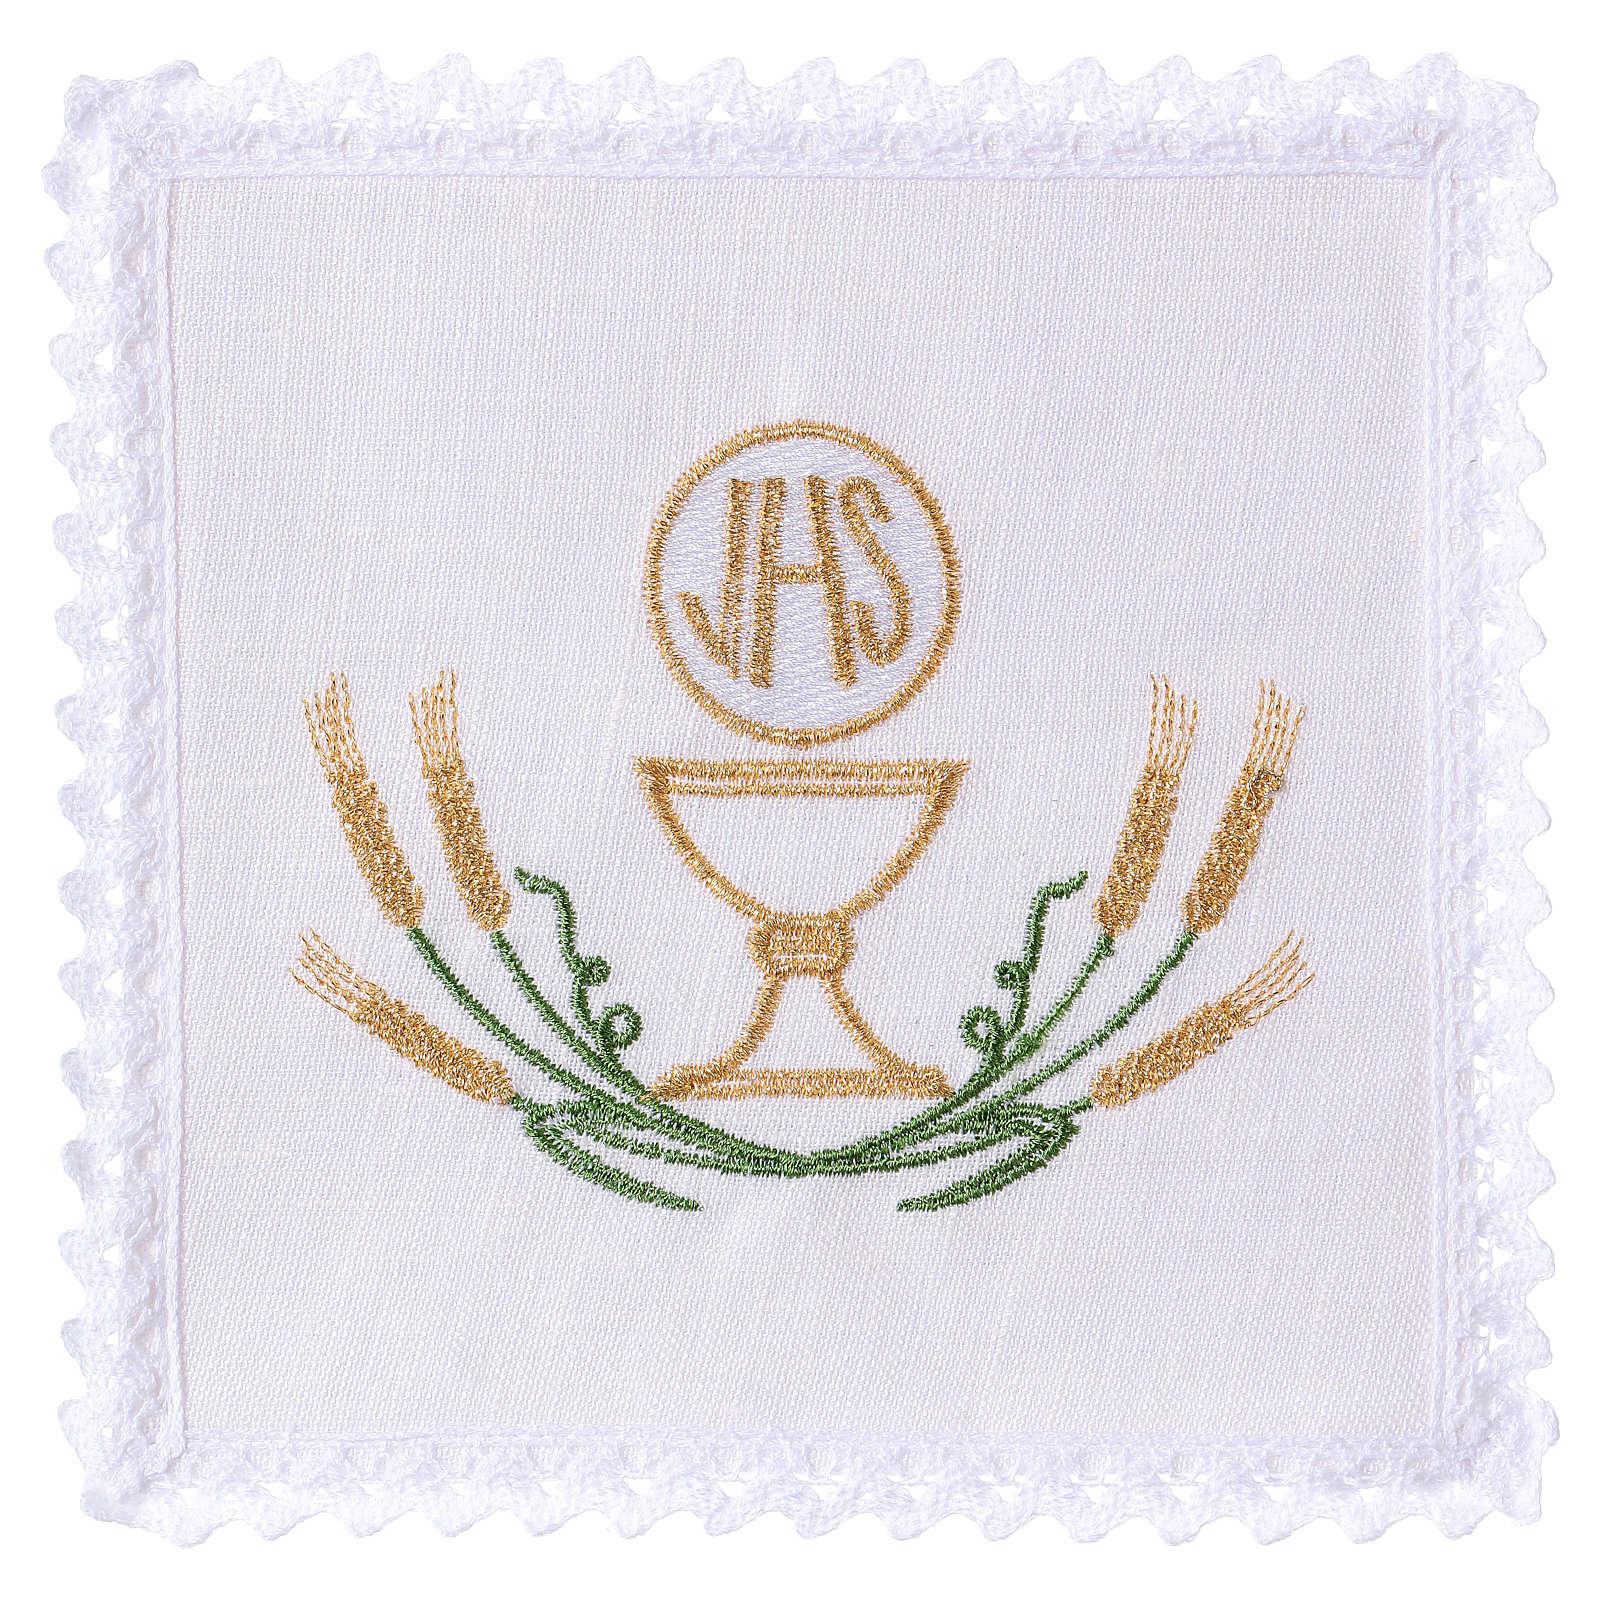 Servicio de altar hilo espigas estilizadas amarillo oro verdes cáliz JHS 4